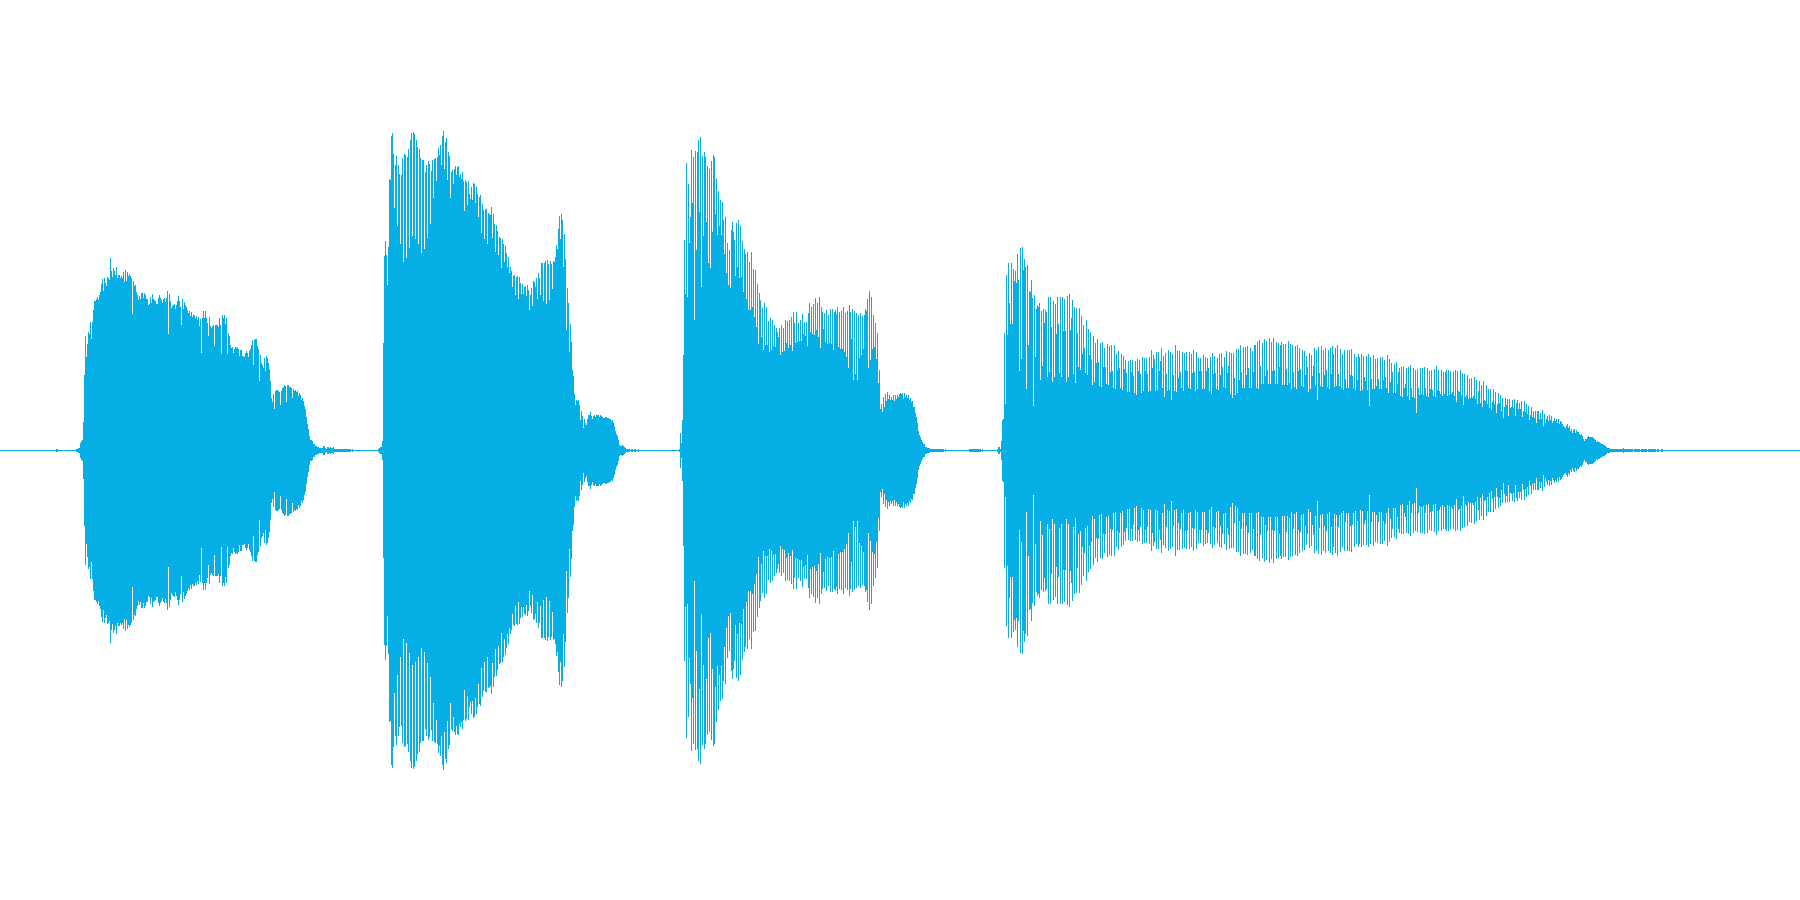 【ボイスSE】ピンポンパンポーン↓の再生済みの波形